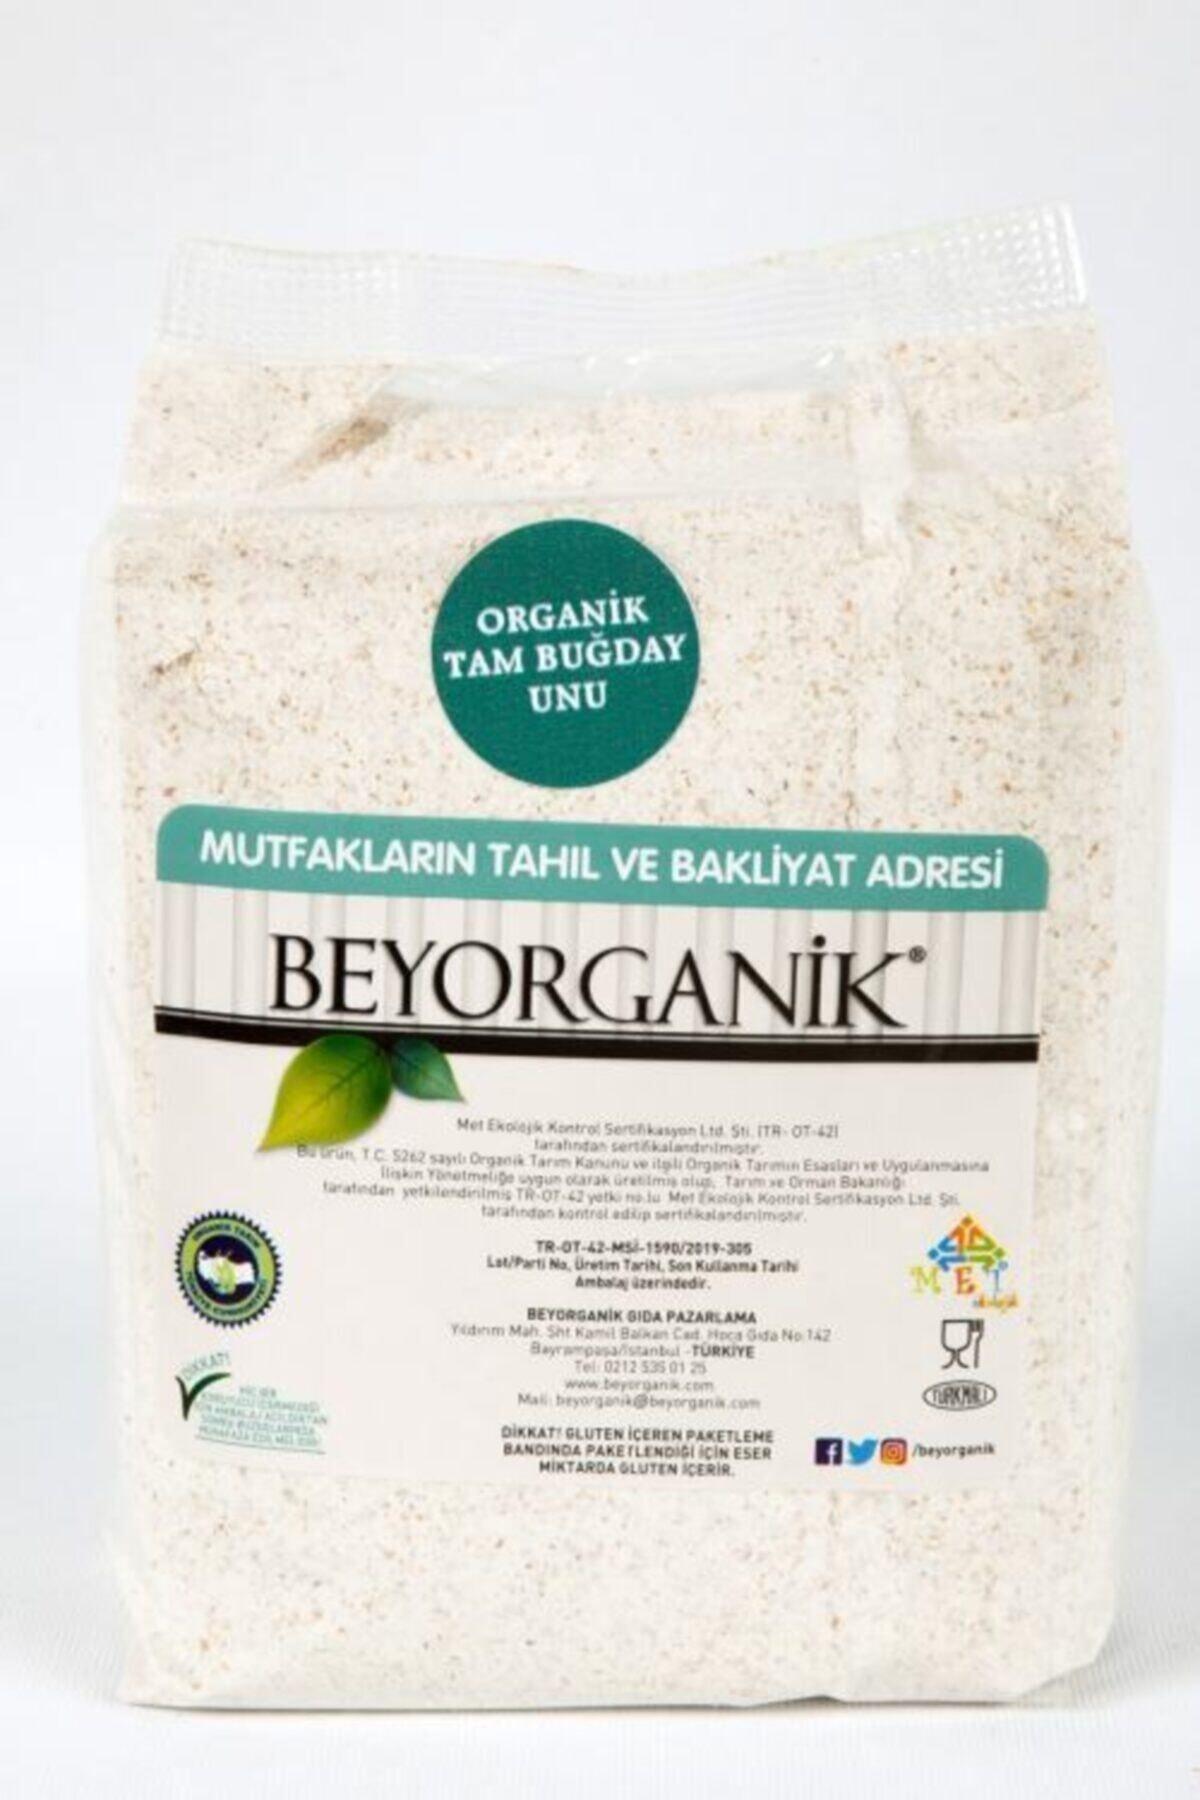 BEYORGANİK Organik Tam Buğday Unu 1 kg 1